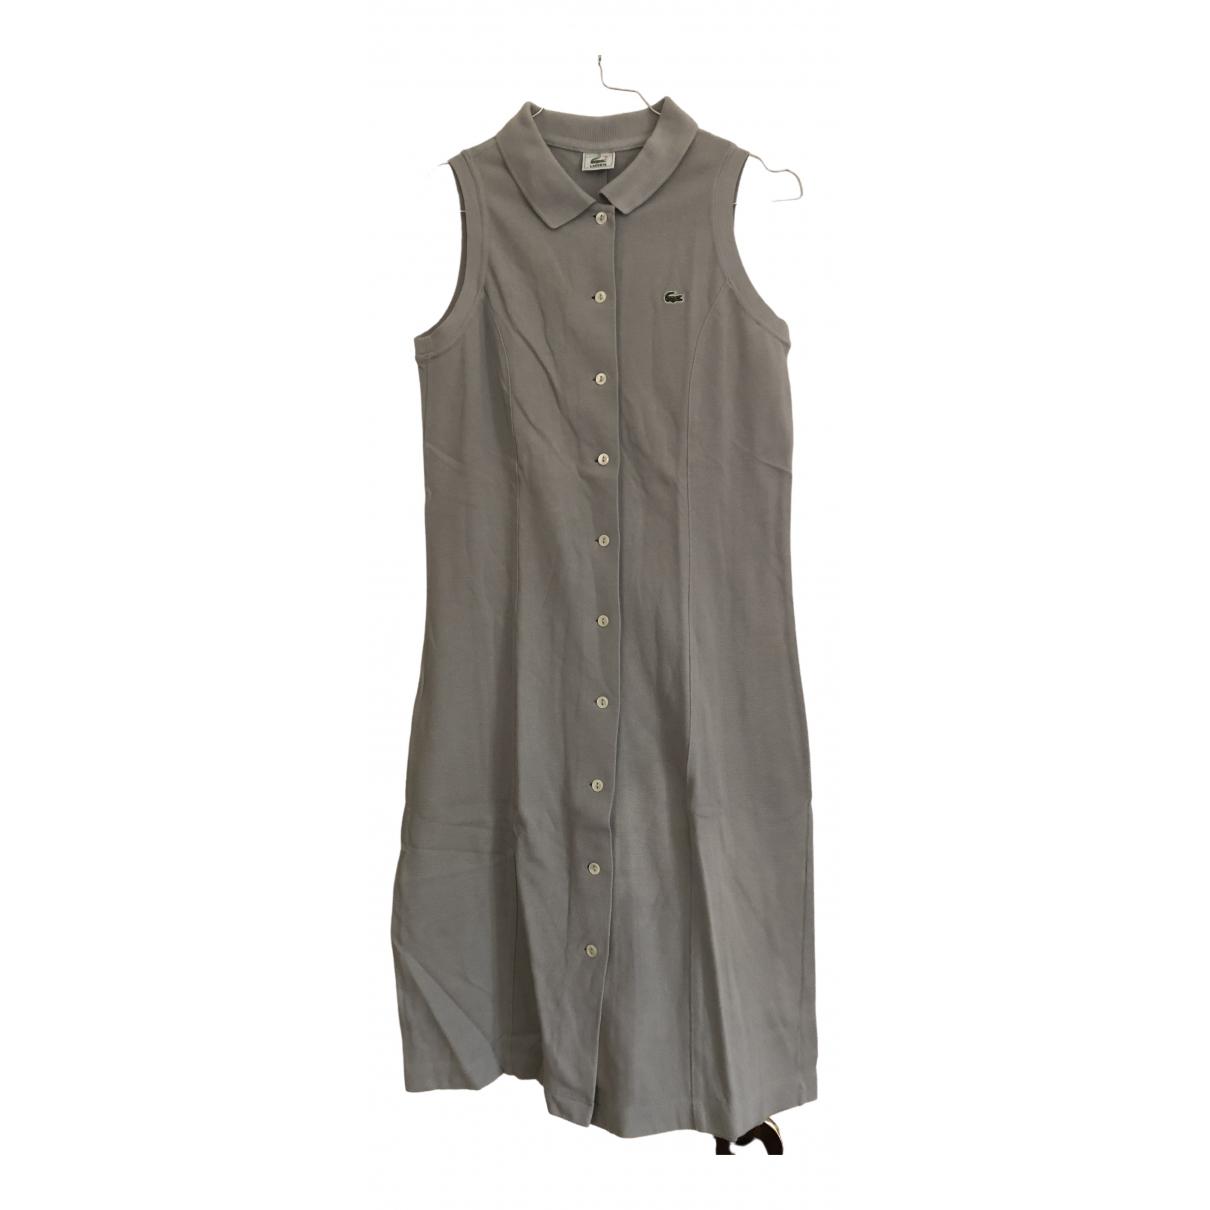 Mini vestido Lacoste